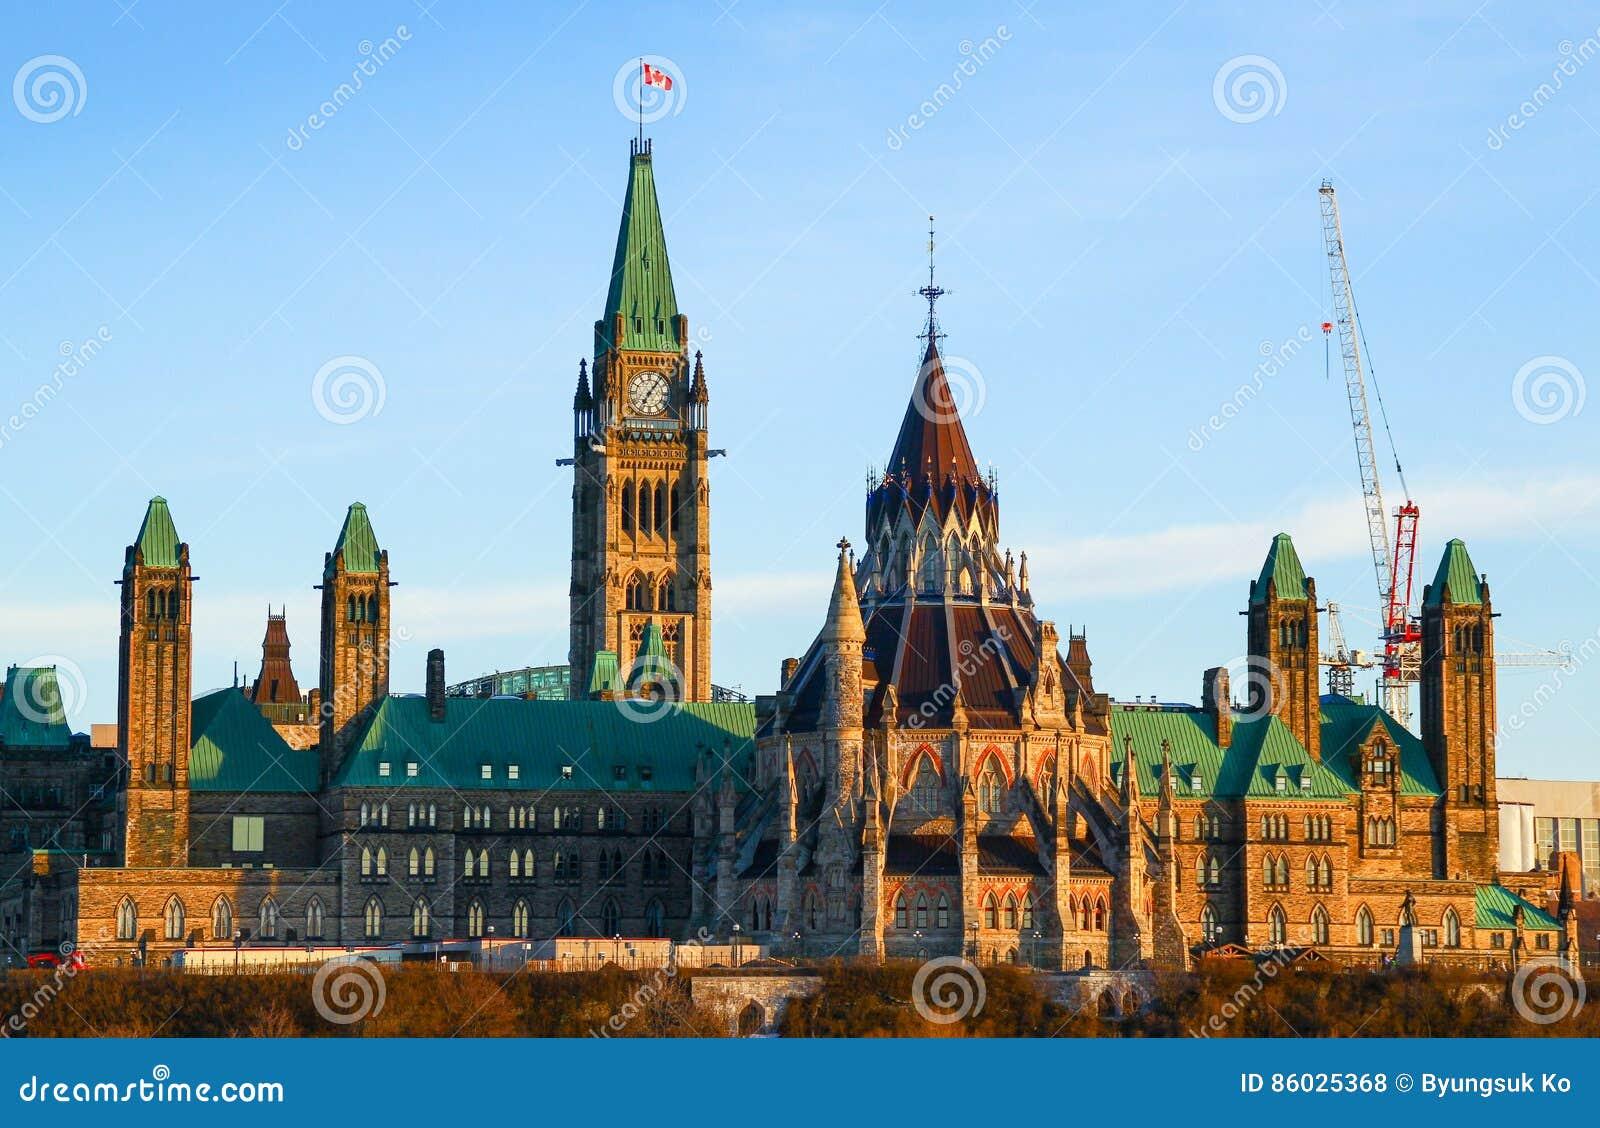 Colline du Parlement et la Chambre canadienne du Parlement